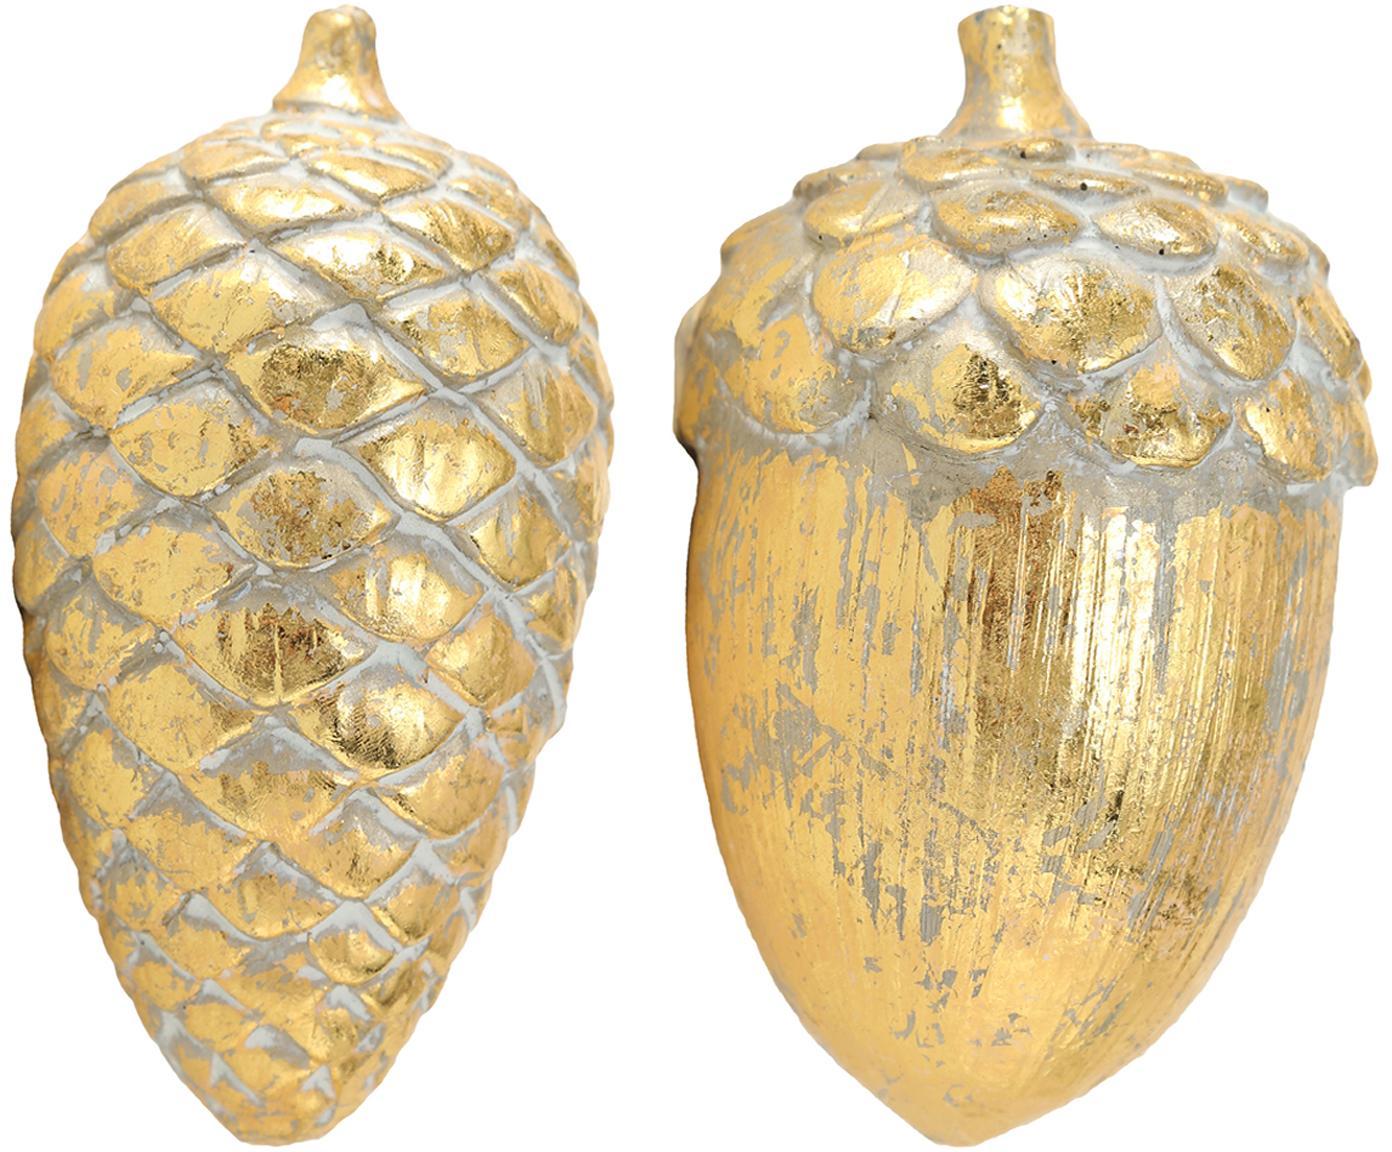 Komplet dekoracji Bacary, 2 elem., Żywica syntetyczna, Odcienie złotego, Ø 8 x W 15 cm